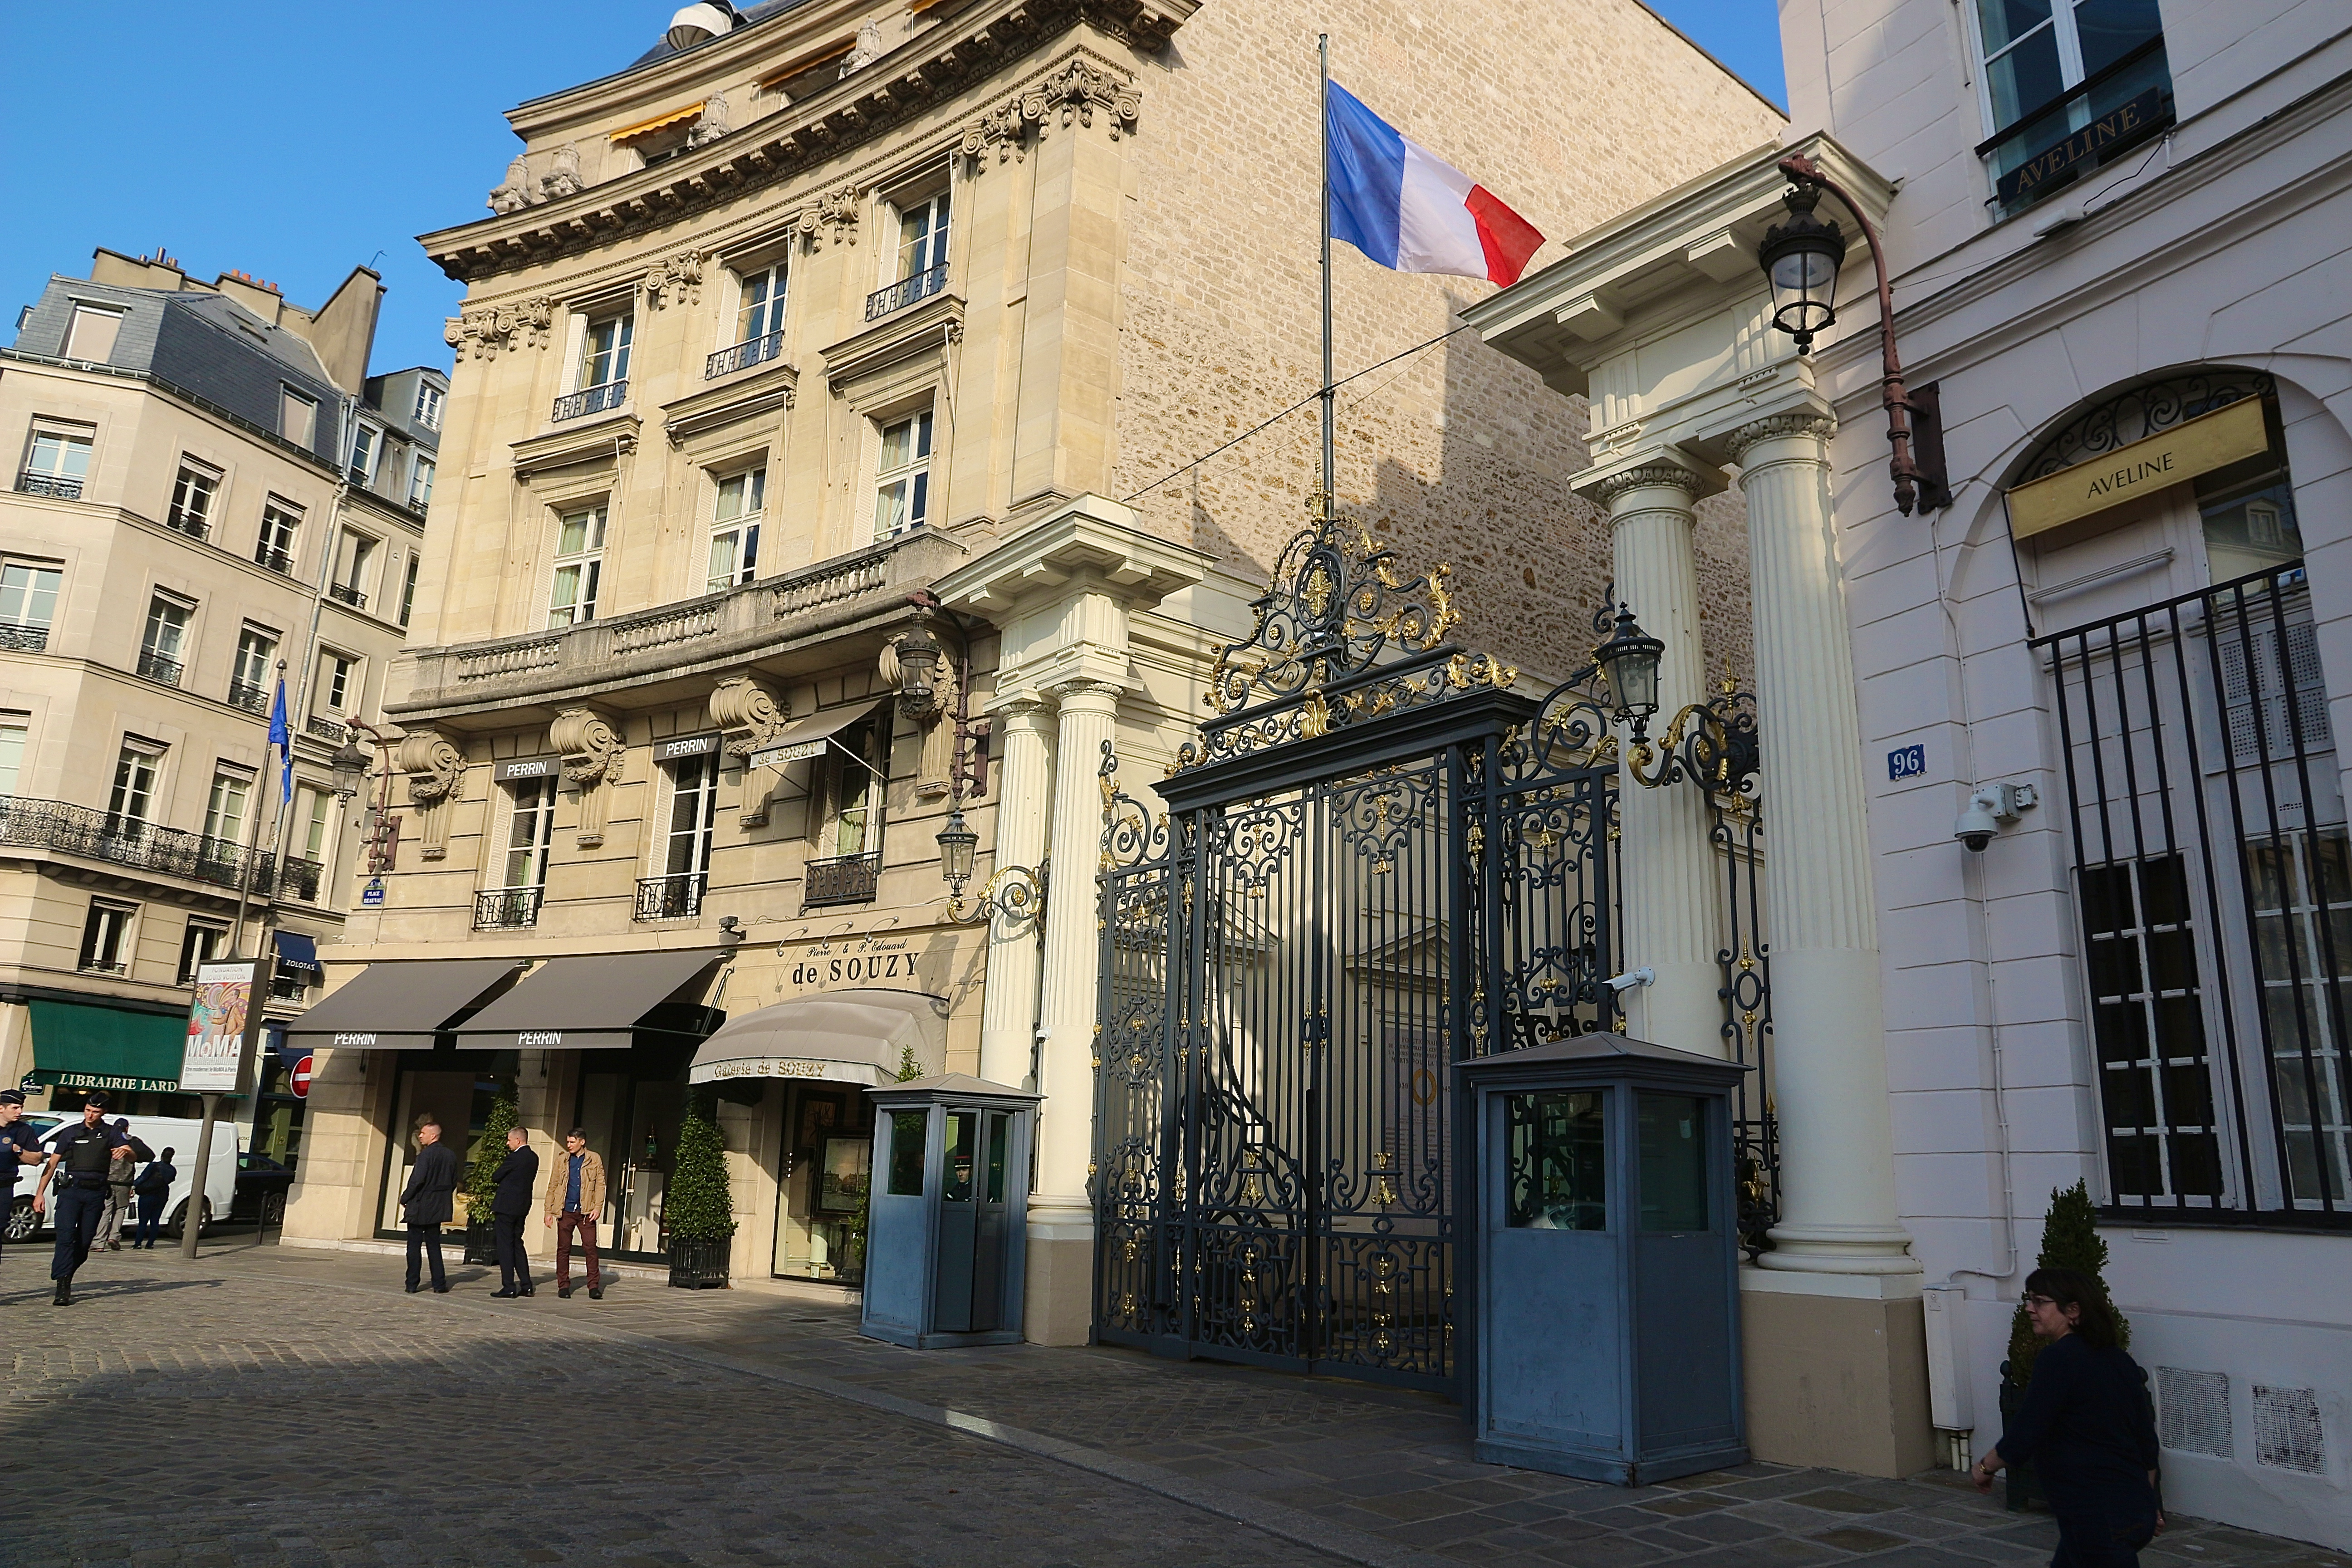 l'Hôtel de Beauvau